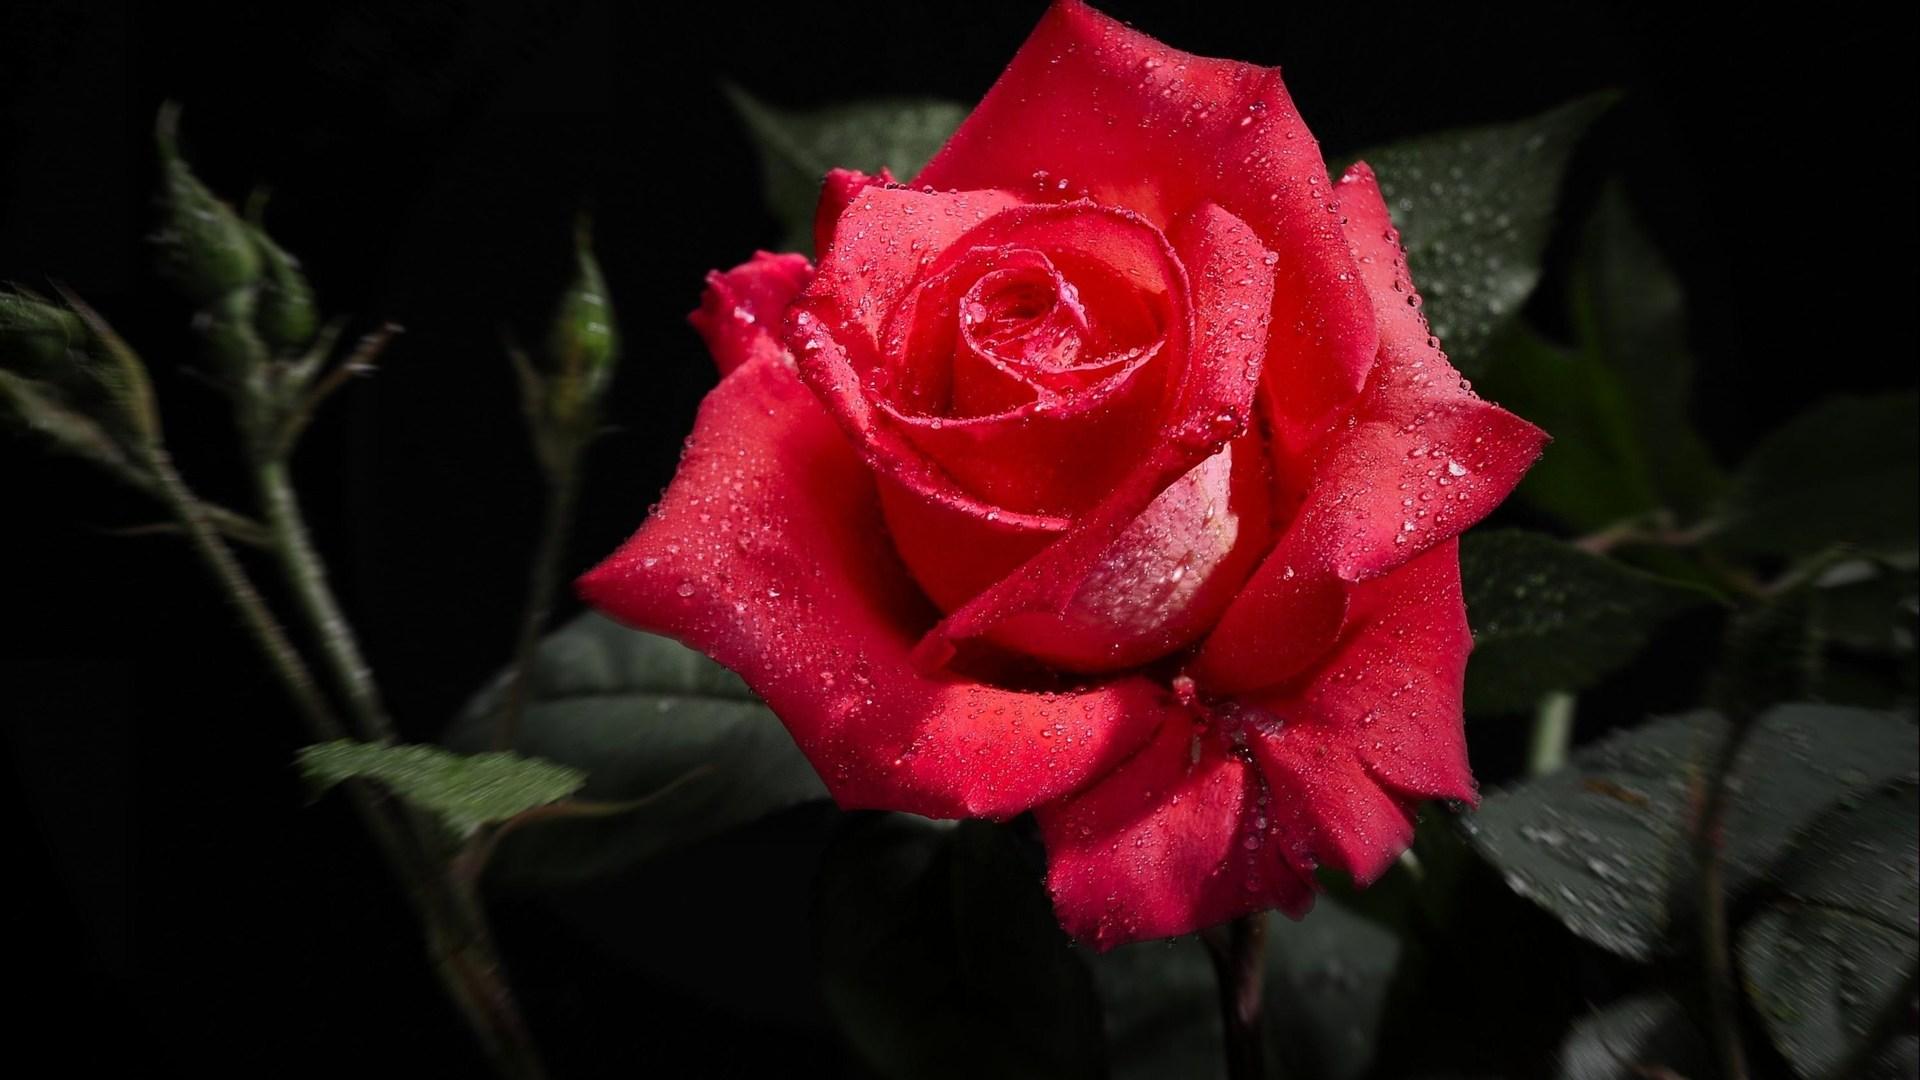 Full HD red rose desktop wallpapers Desktop Red Rose Wallpaper HD 1920x1080